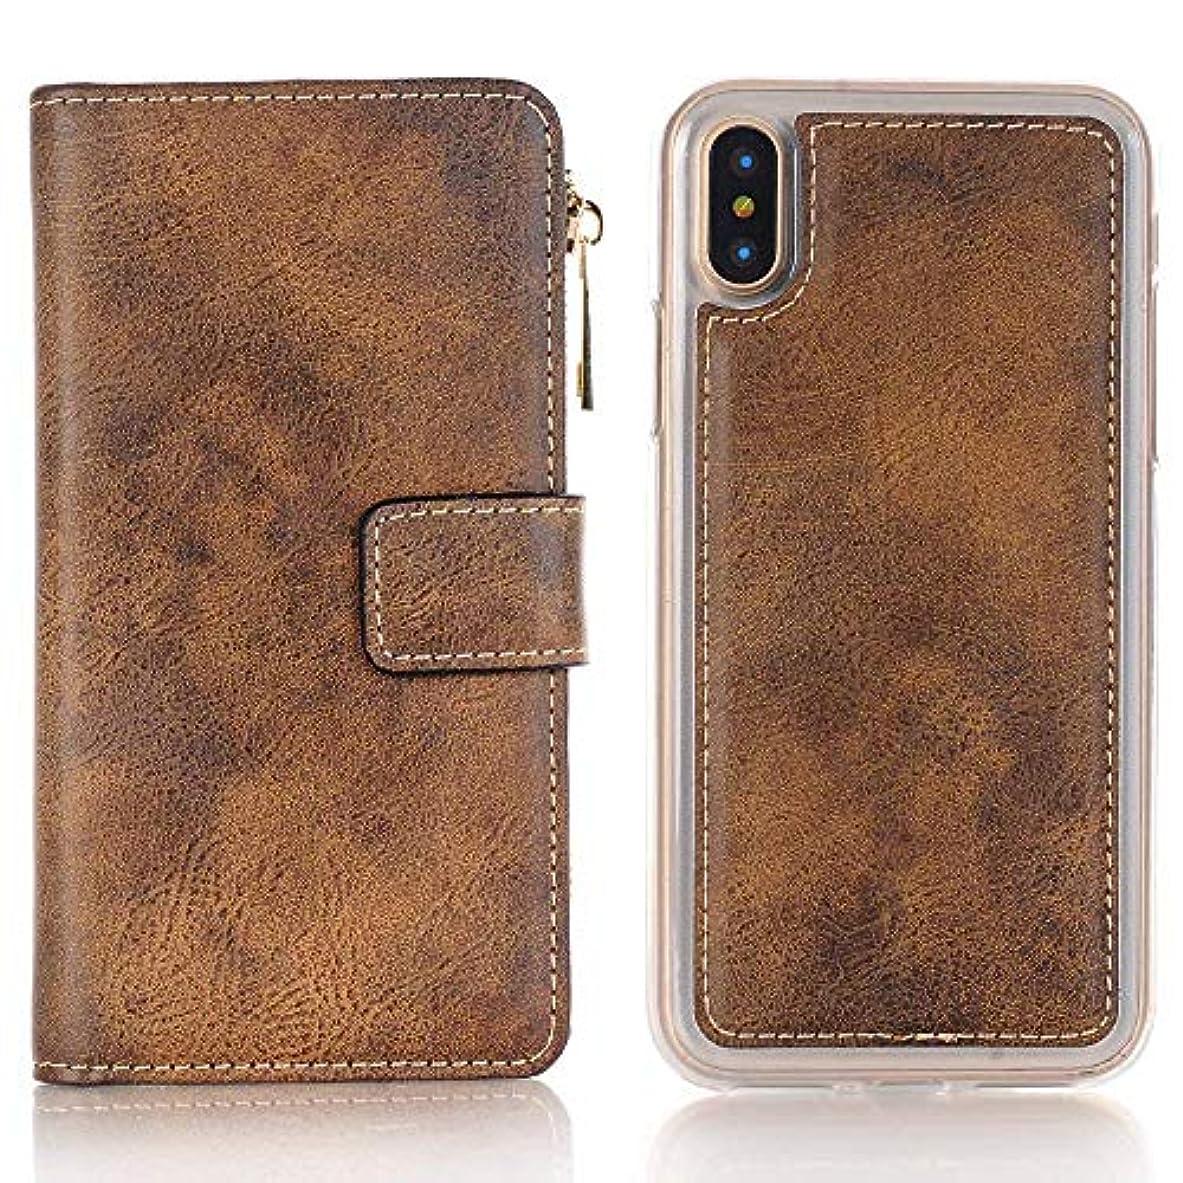 主観的夢ノートiPhone ケース 手帳型 INorton 全面保護カバー 耐衝撃 レンズ保護 カード収納 分離式 高品質レザー シリコン 軽量 マグネット式